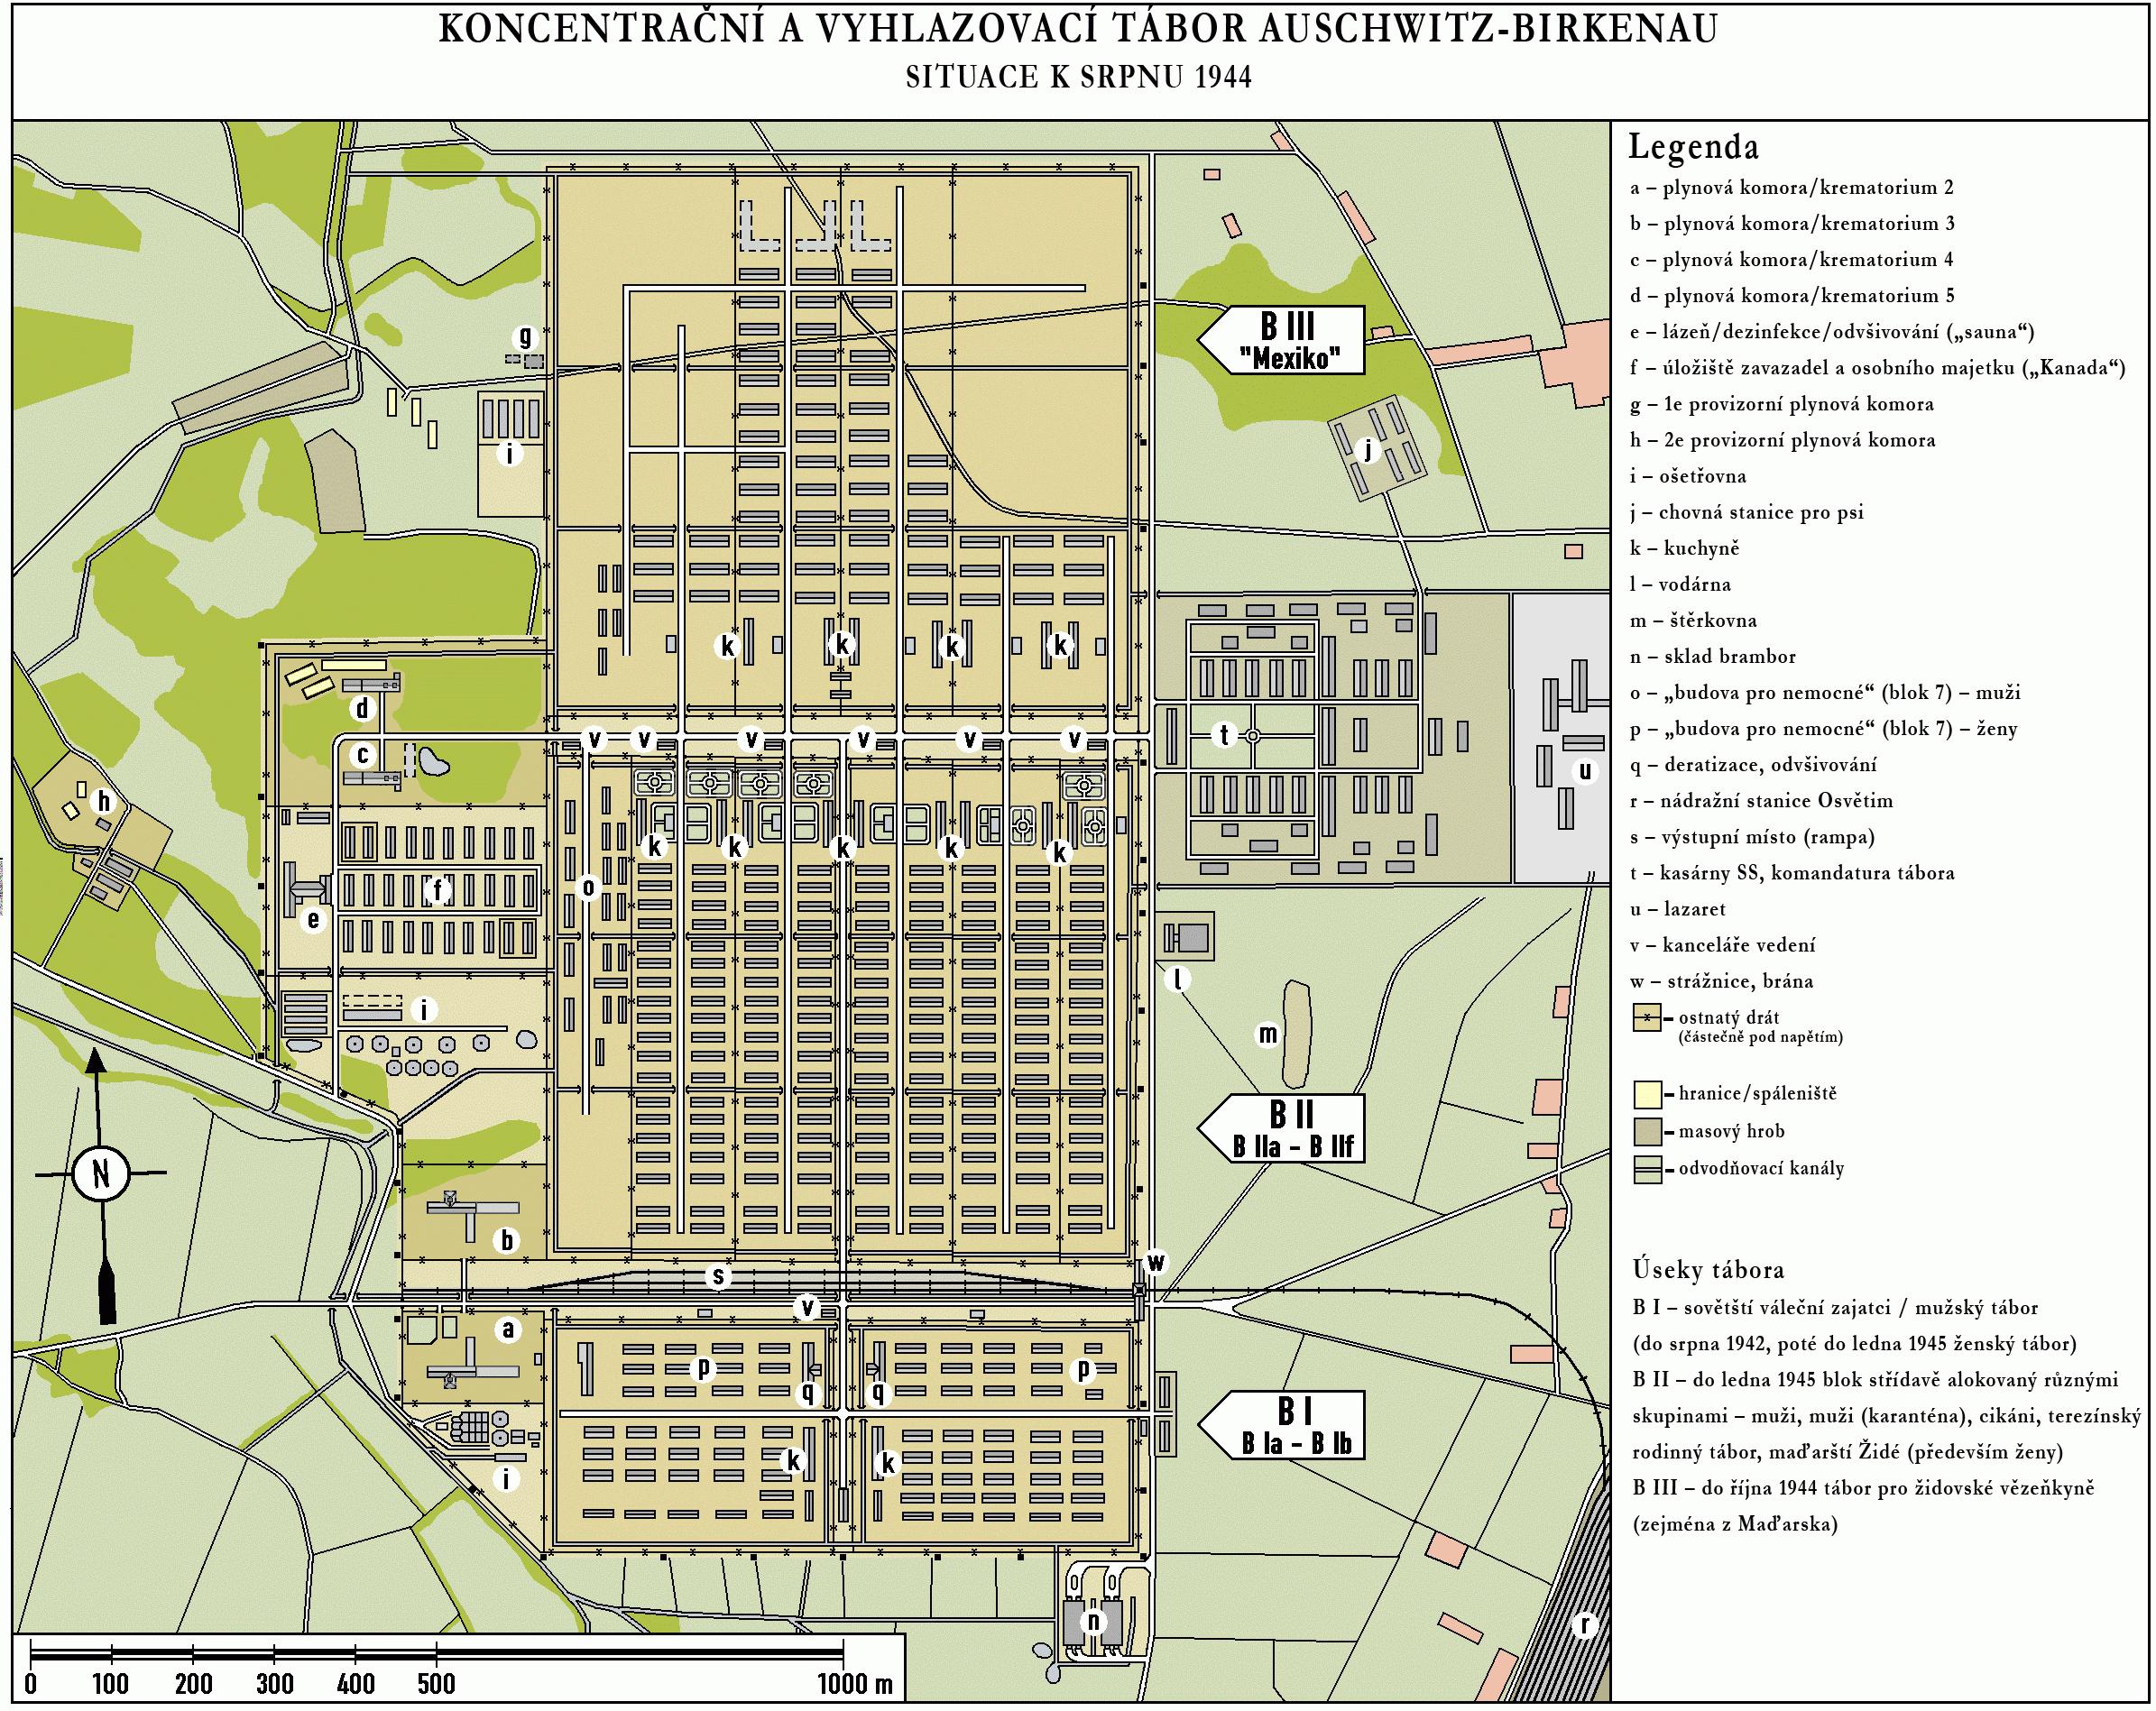 Auschwitz Birkenau Map File:Auschwitz Birkenau map 1944 CZ.png   Wikimedia Commons